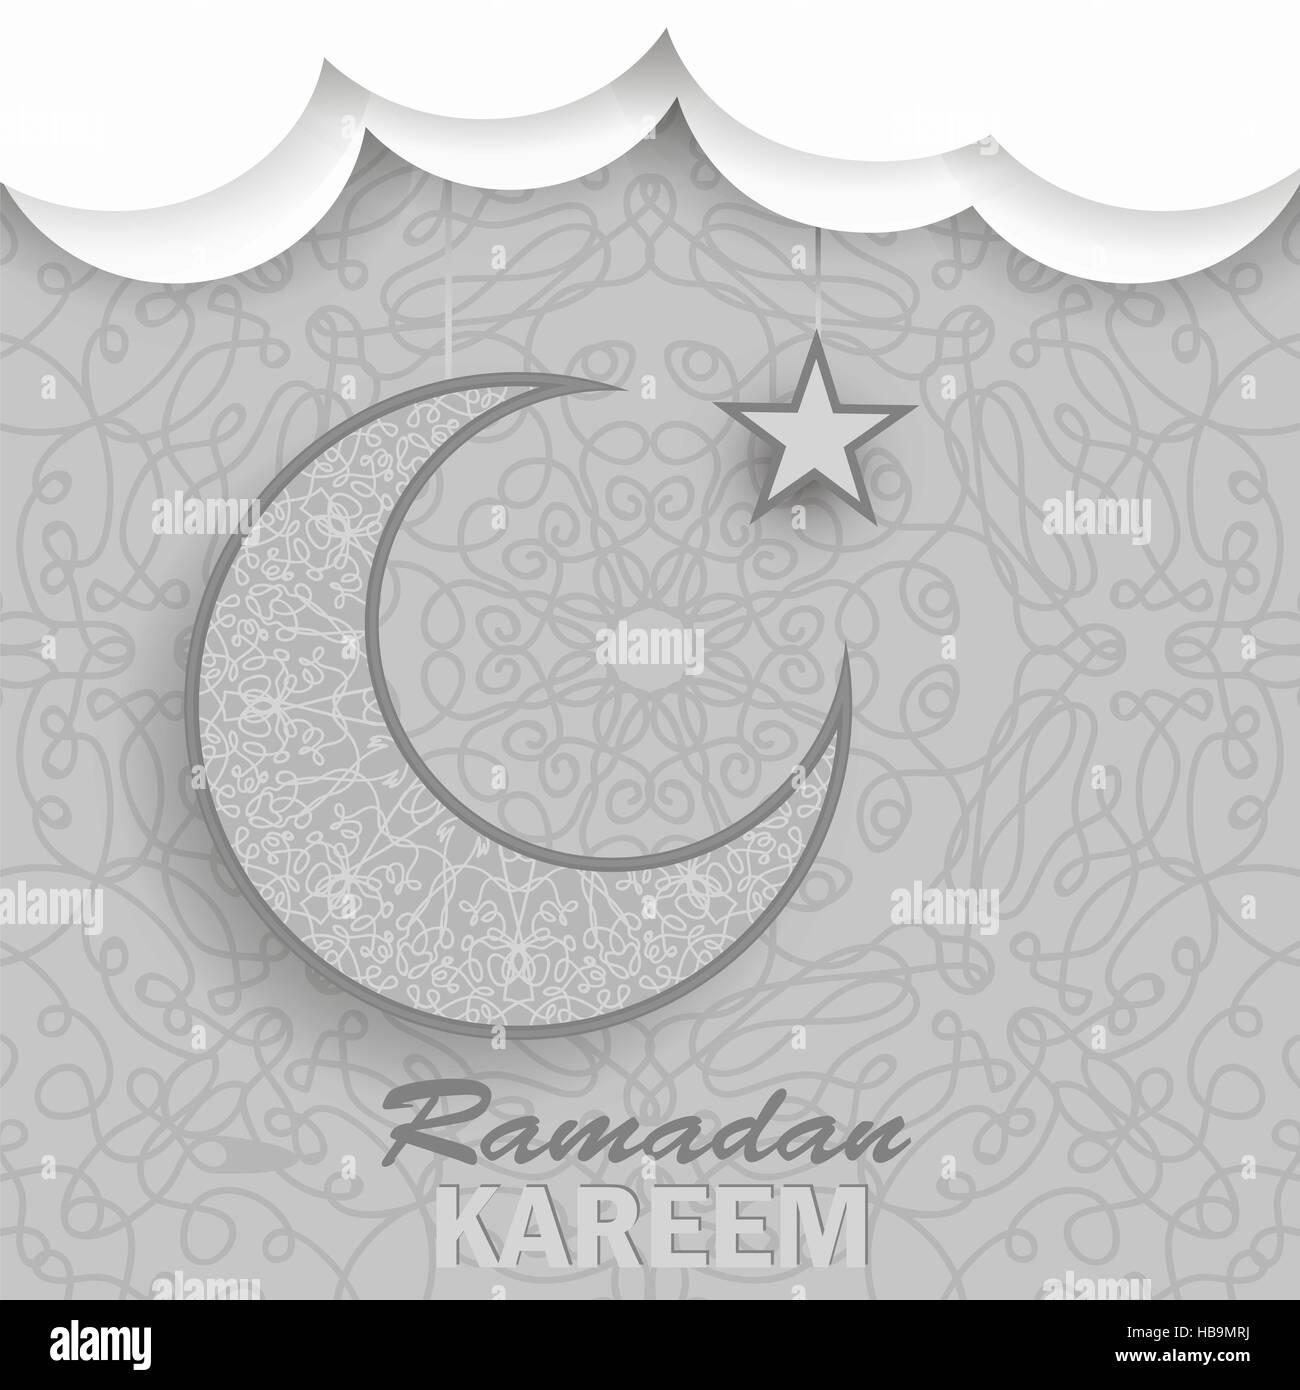 Ramadan greetings background ramadan kareem stock photo royalty ramadan greetings background ramadan kareem kristyandbryce Images